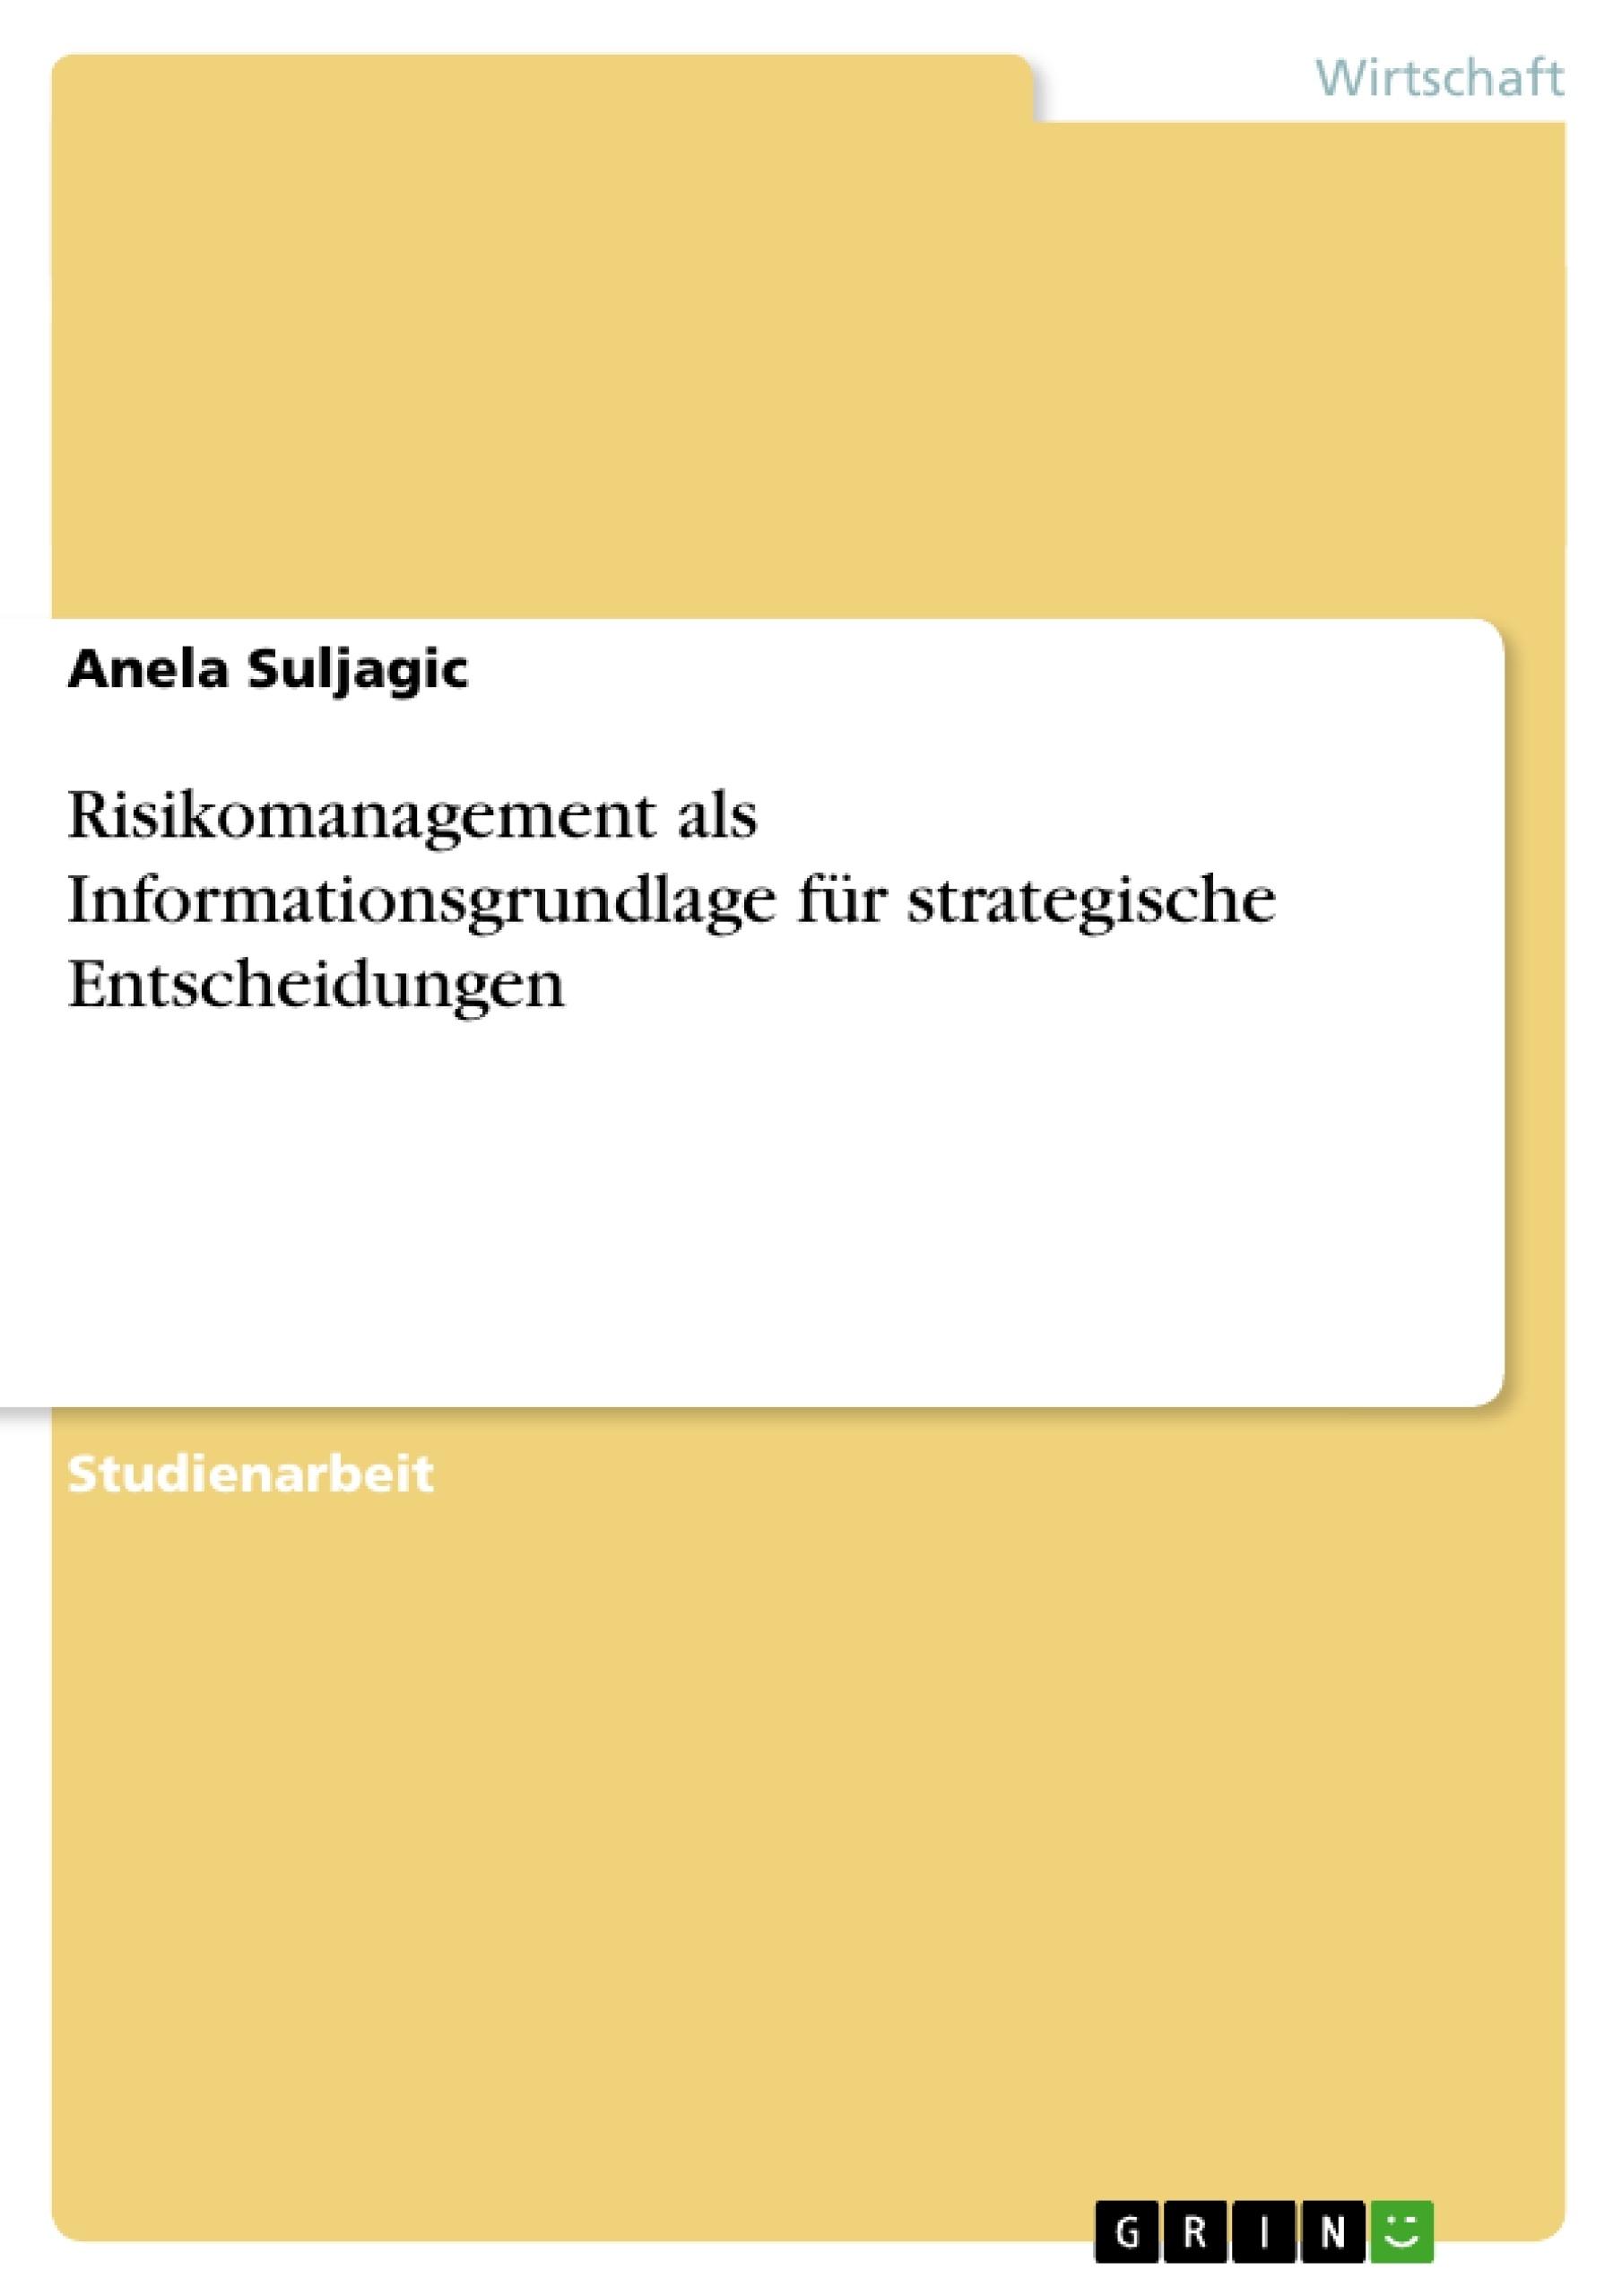 Titel: Risikomanagement als Informationsgrundlage für strategische Entscheidungen